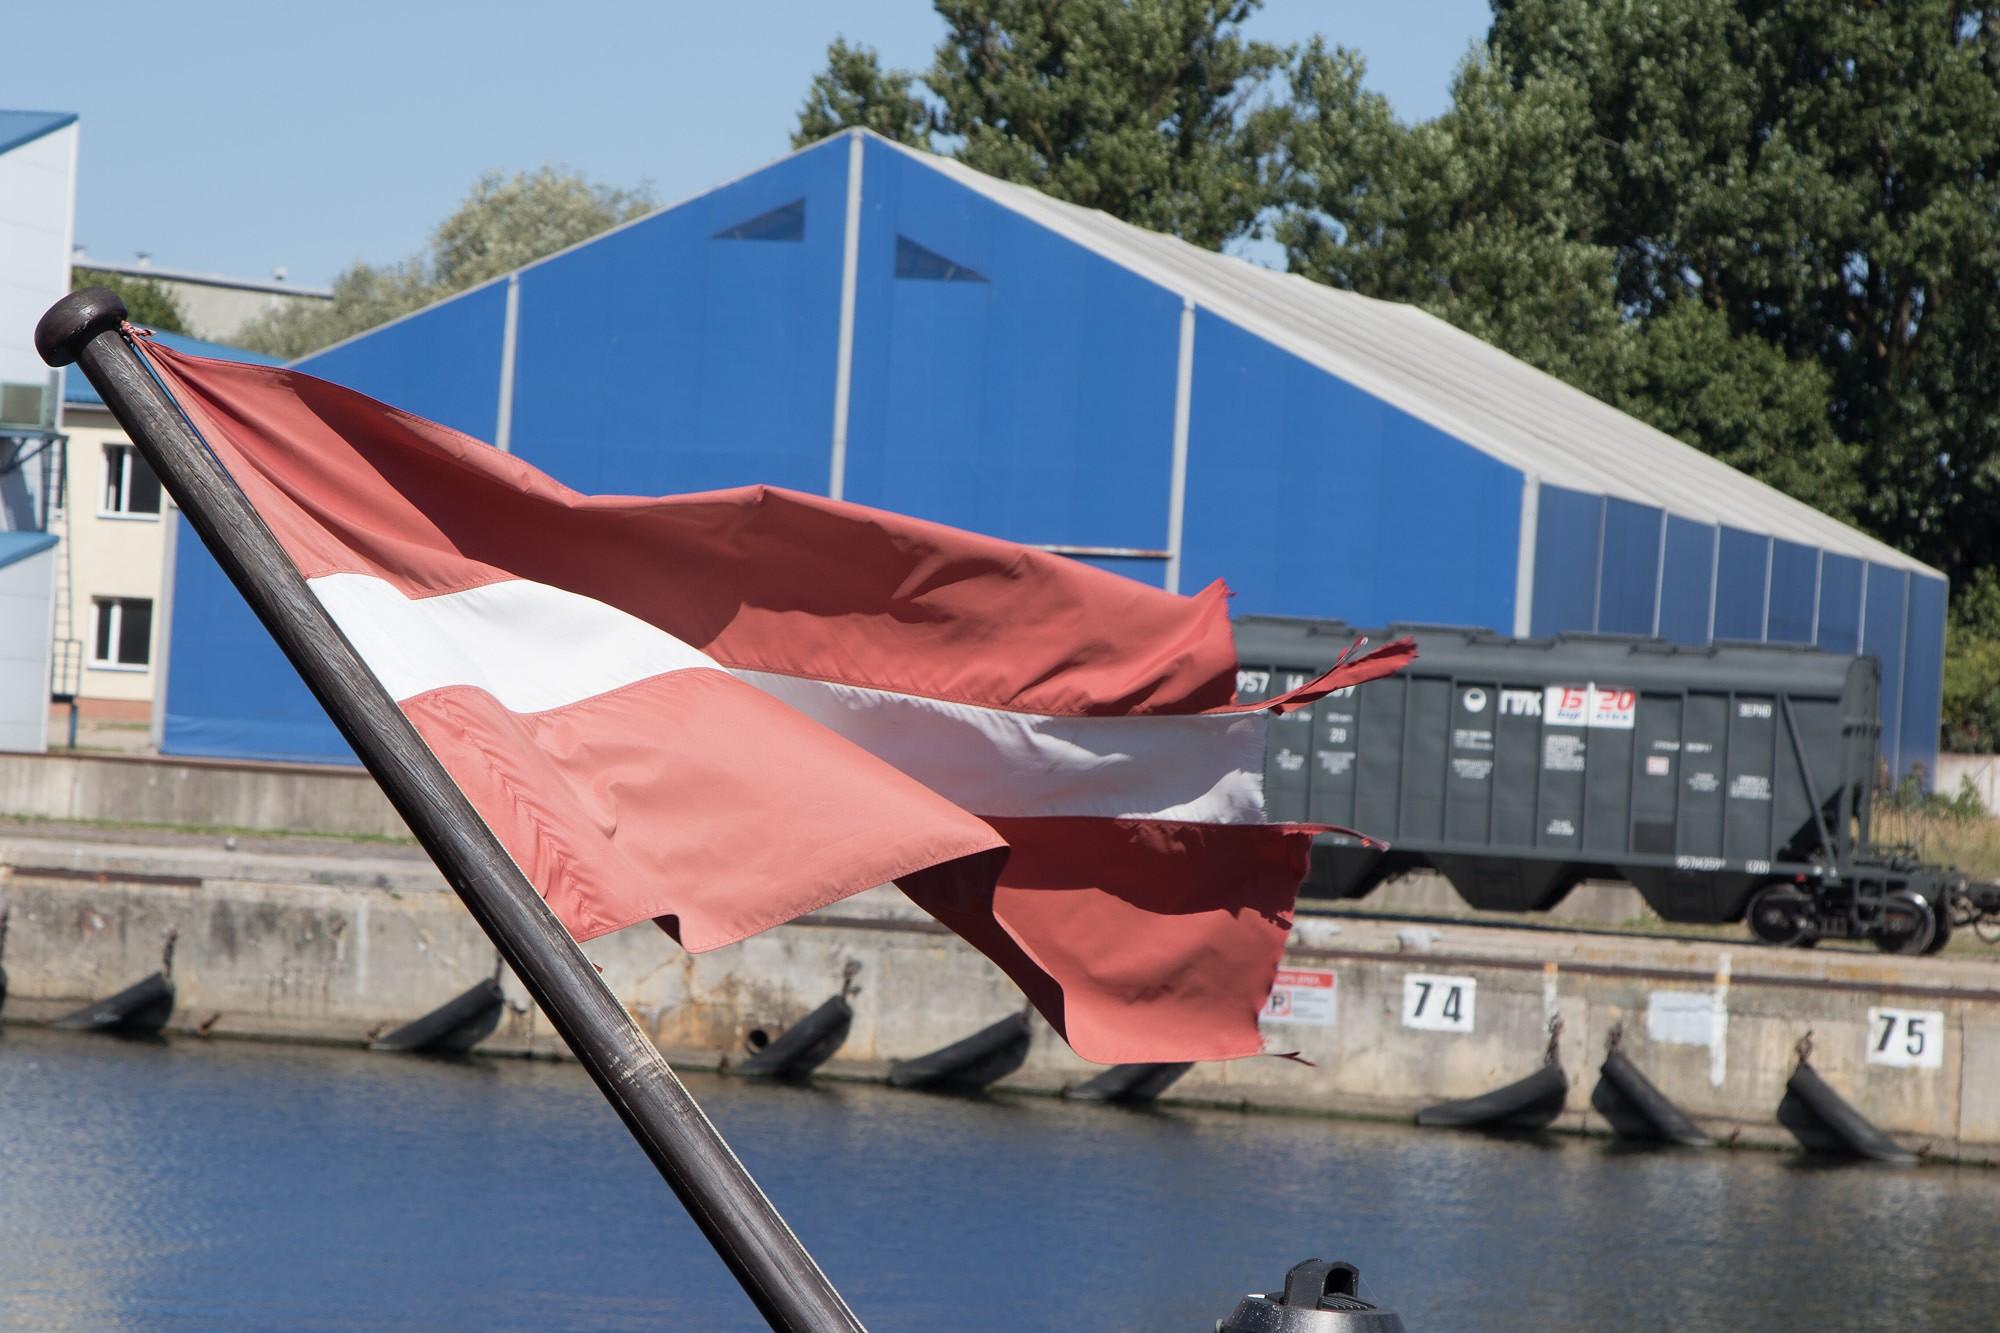 Arī uz kuģa nevar pacelt melnu un caurumainu karogu